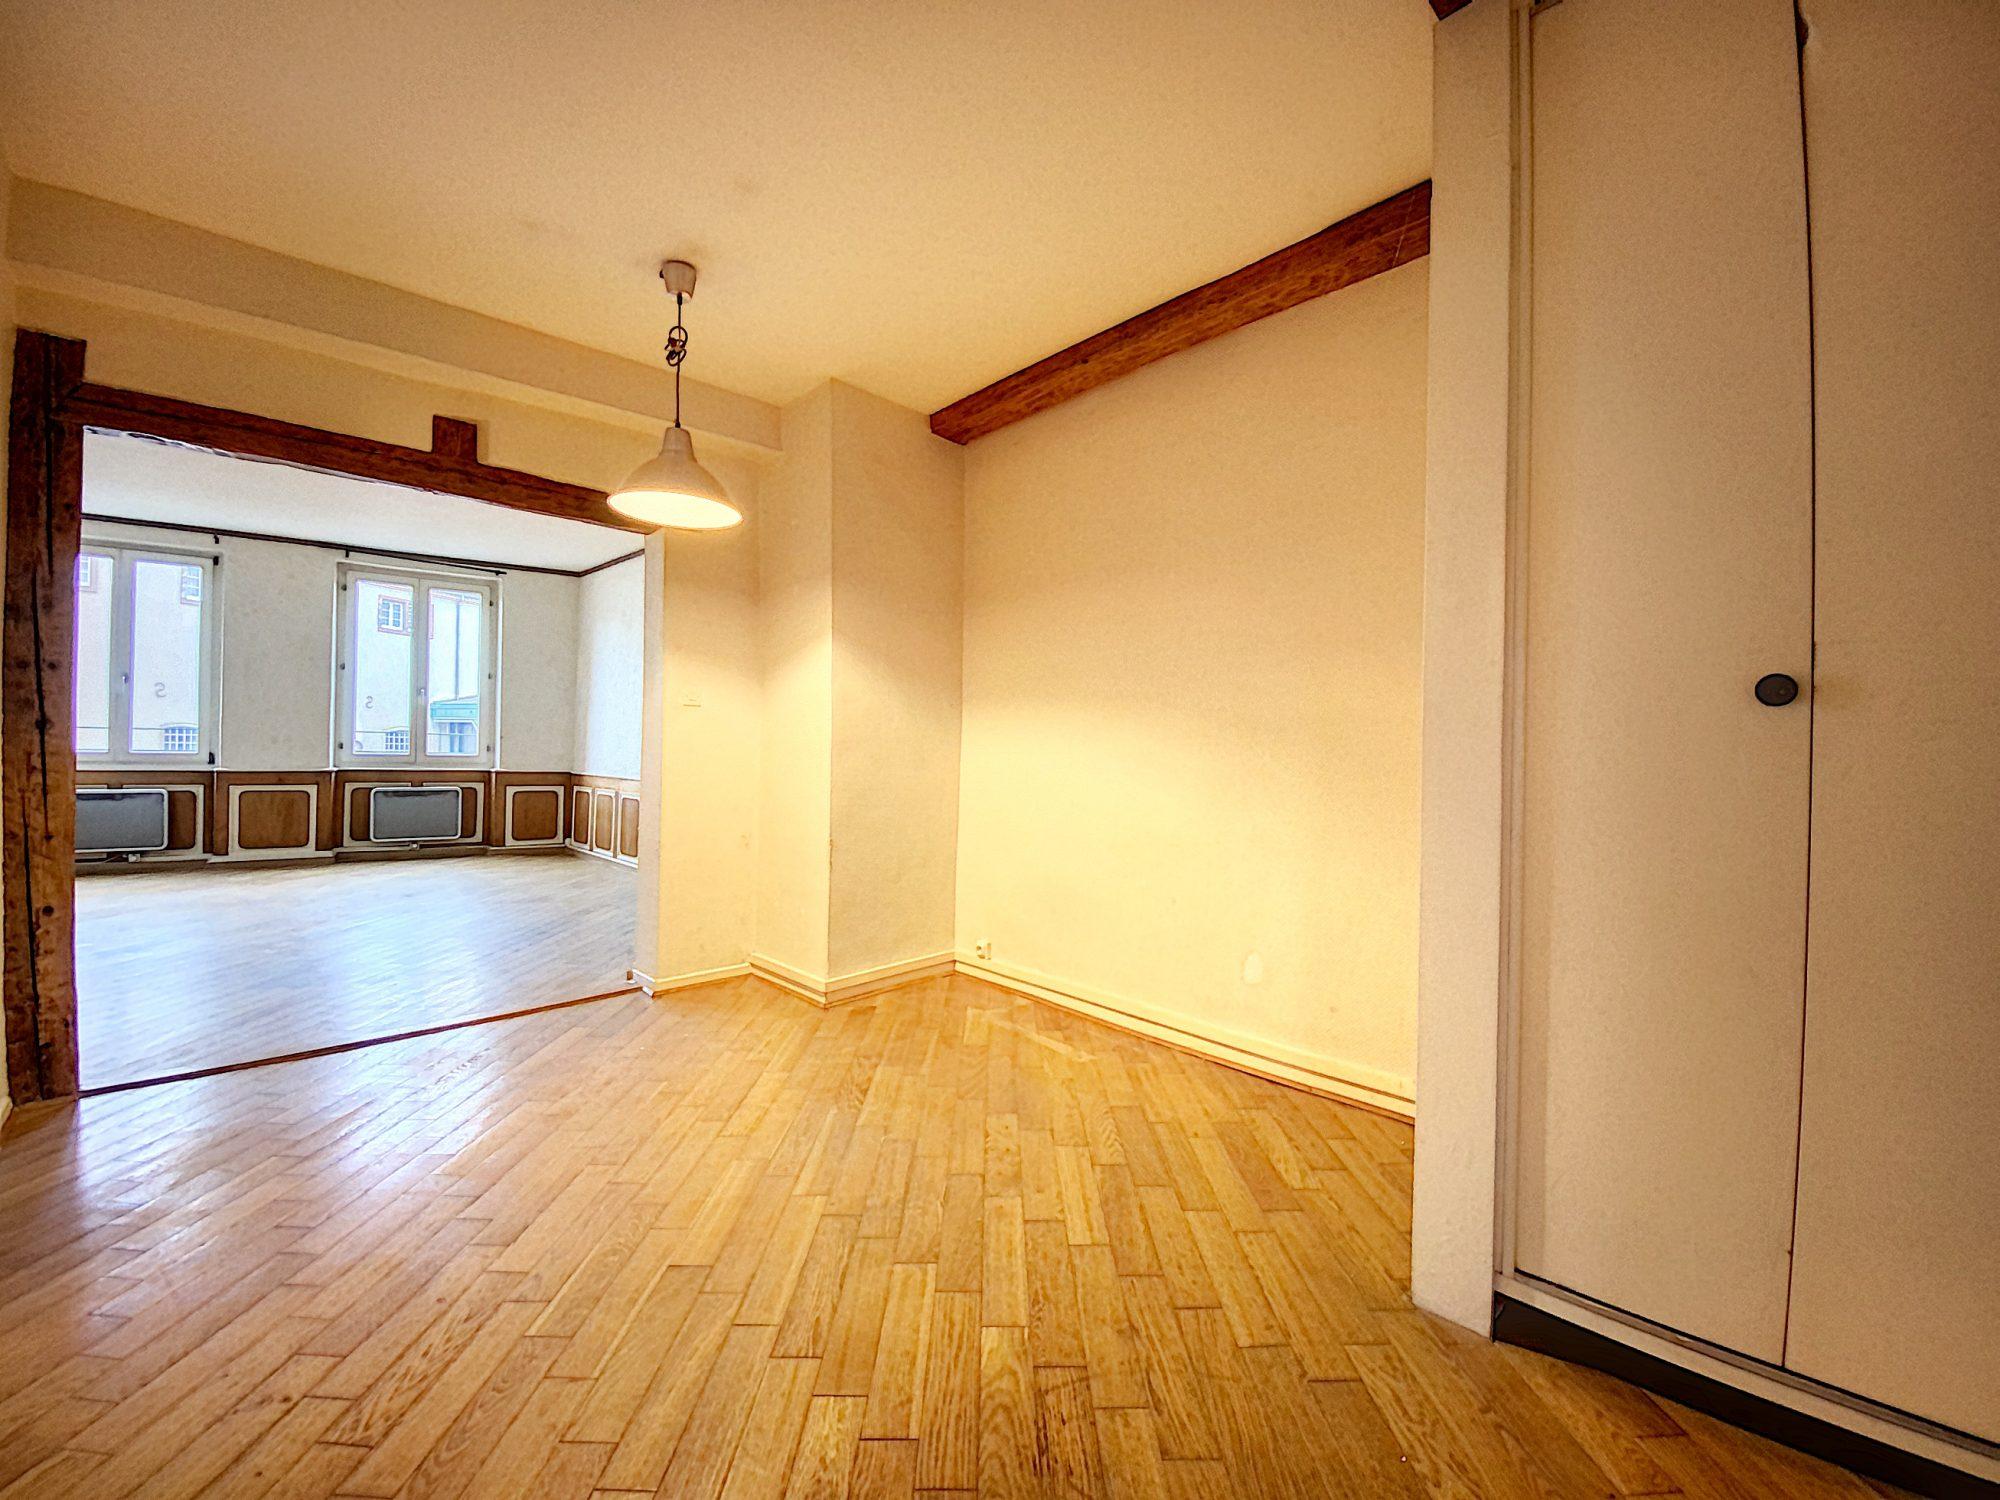 T2 PETITE FRANCE - Devenez locataire en toute sérénité - Bintz Immobilier - 12